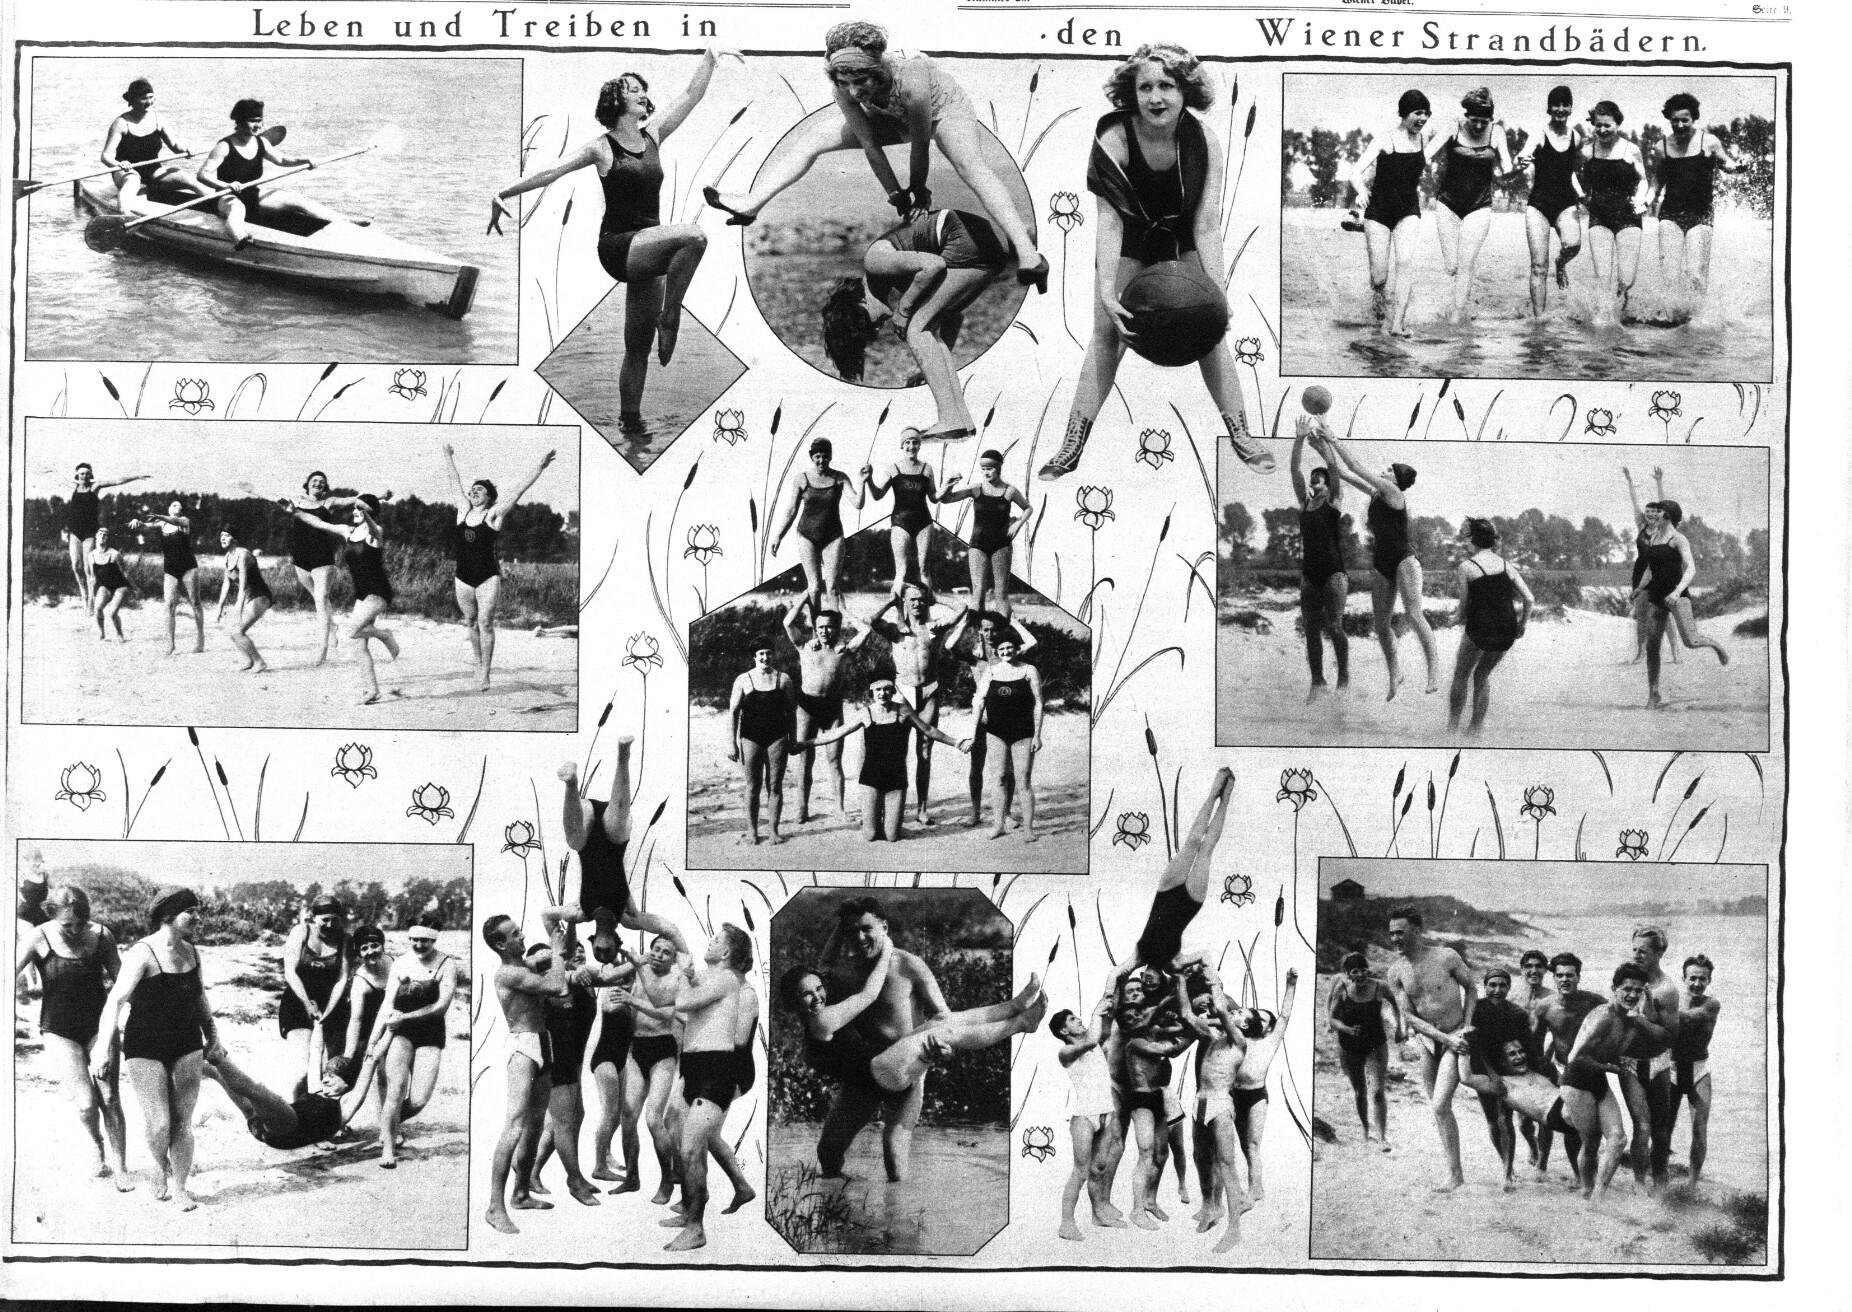 Wiener Bilder vom 20. Juni 1926